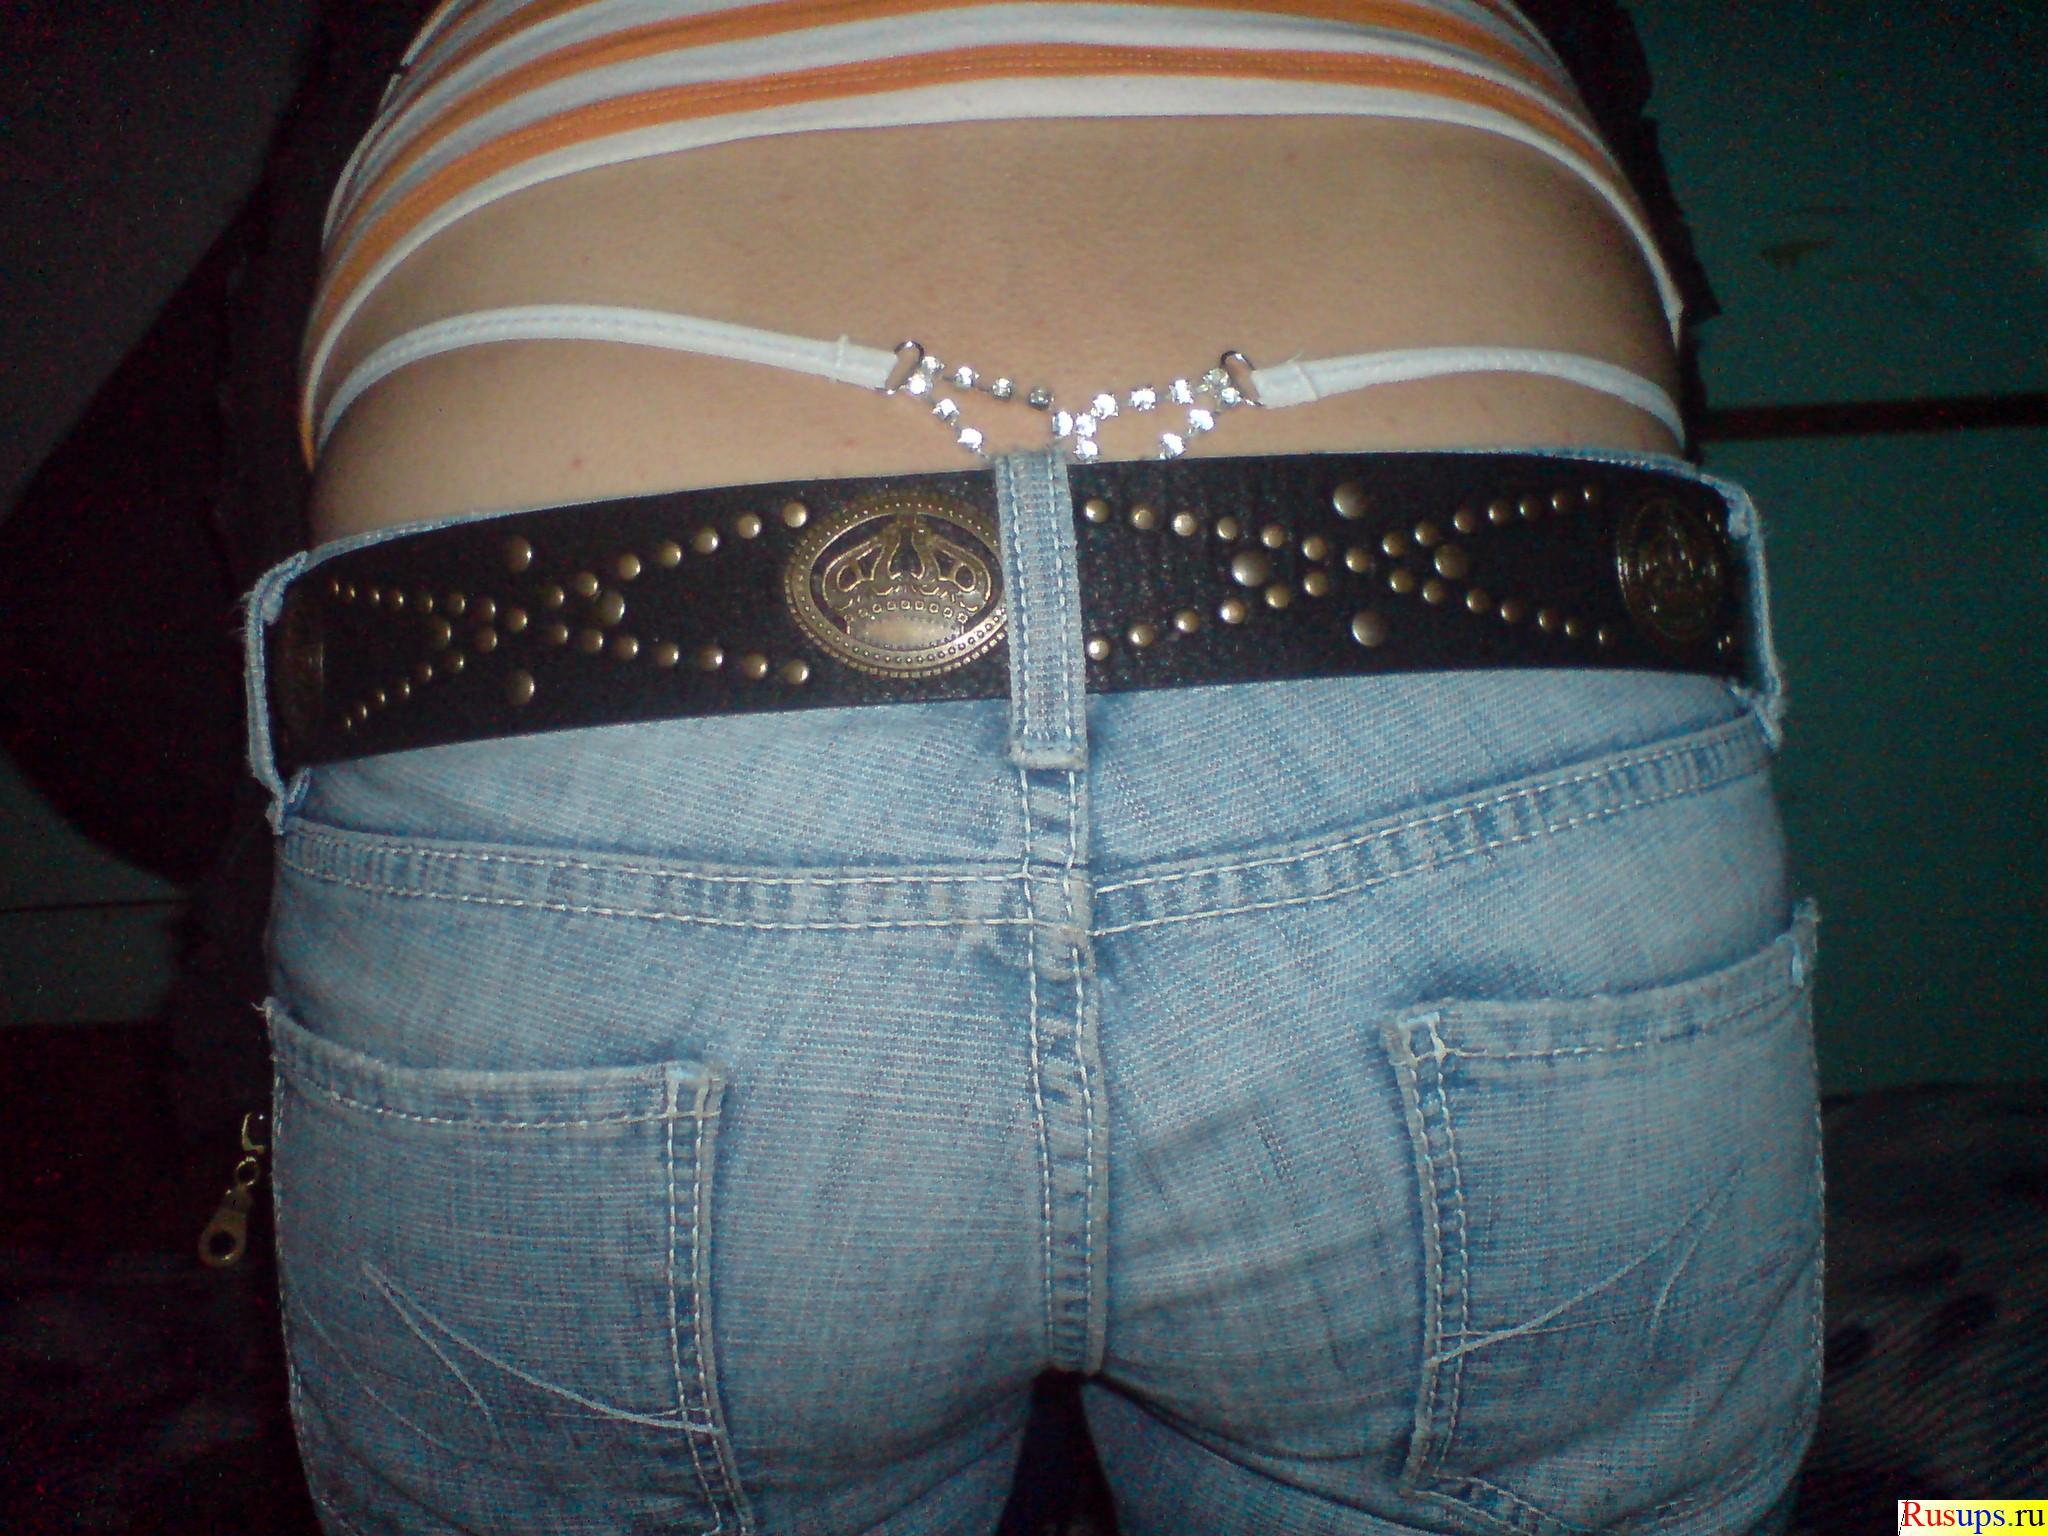 Торчат трусы из джинсов фото 12 фотография